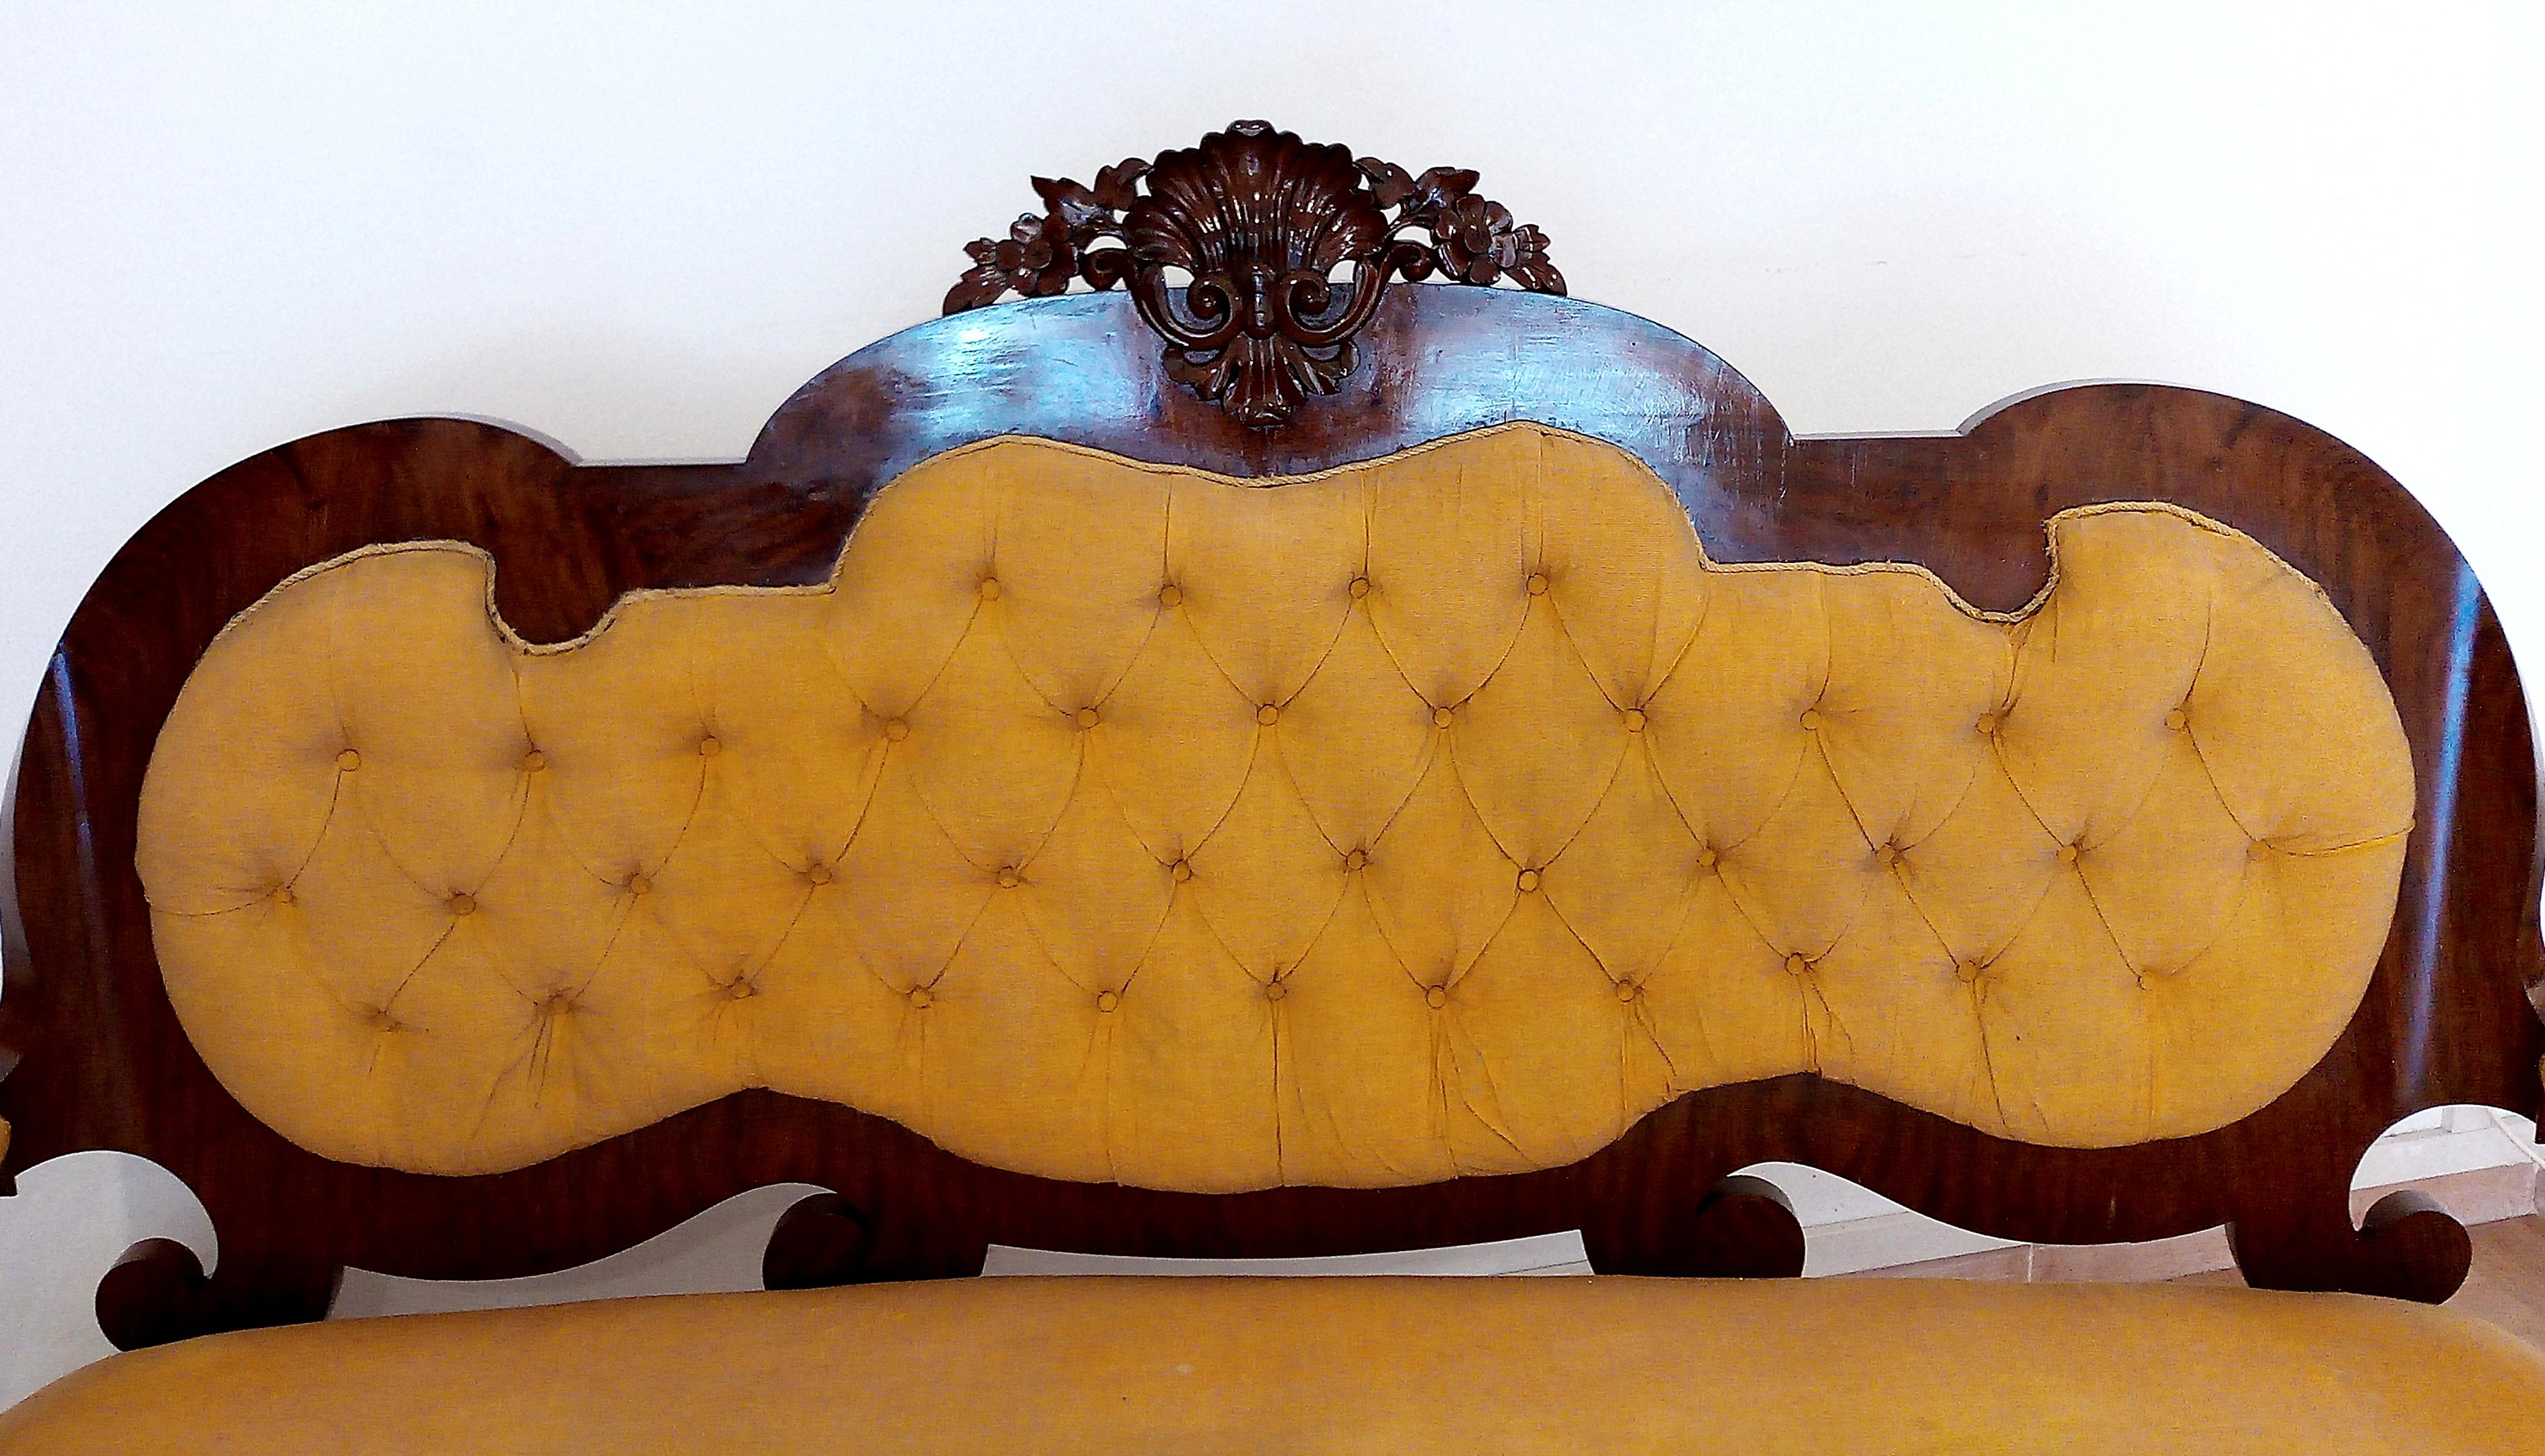 Sofasessel aus Walnussholz aus dem 19. Jahrhundert